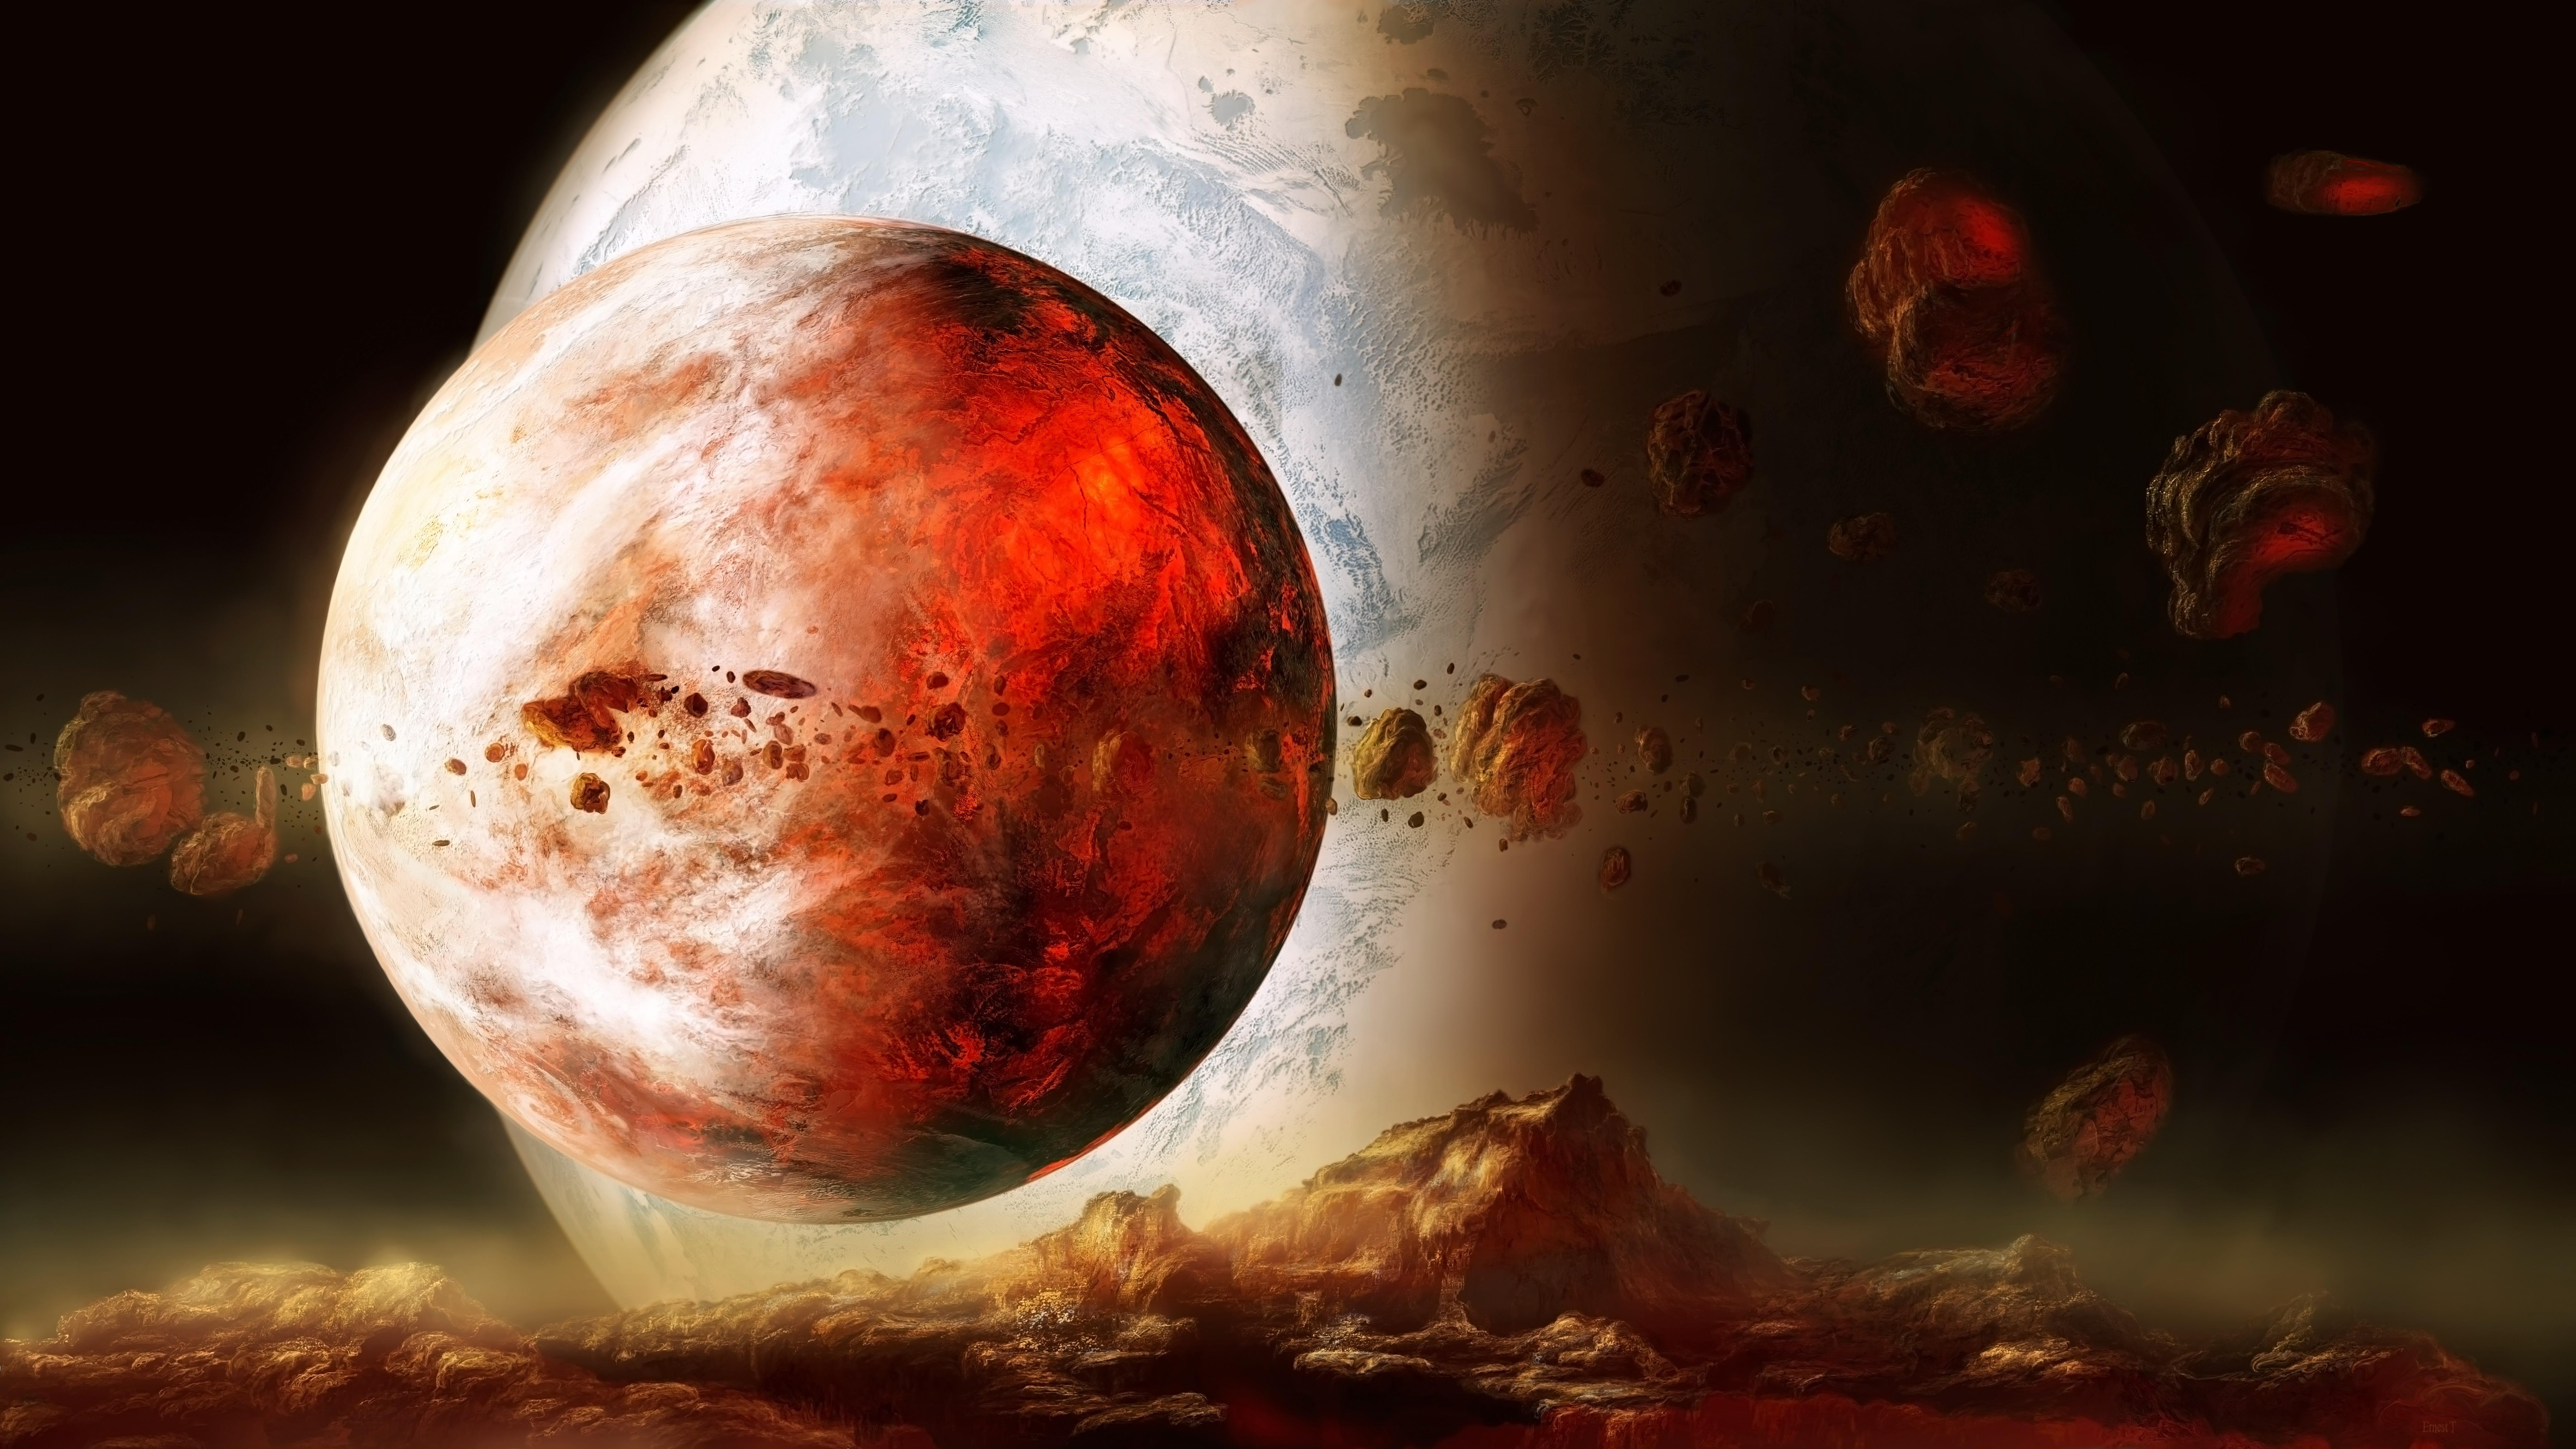 Обои огненная планета картинки на рабочий стол на тему Космос - скачать  № 433782  скачать